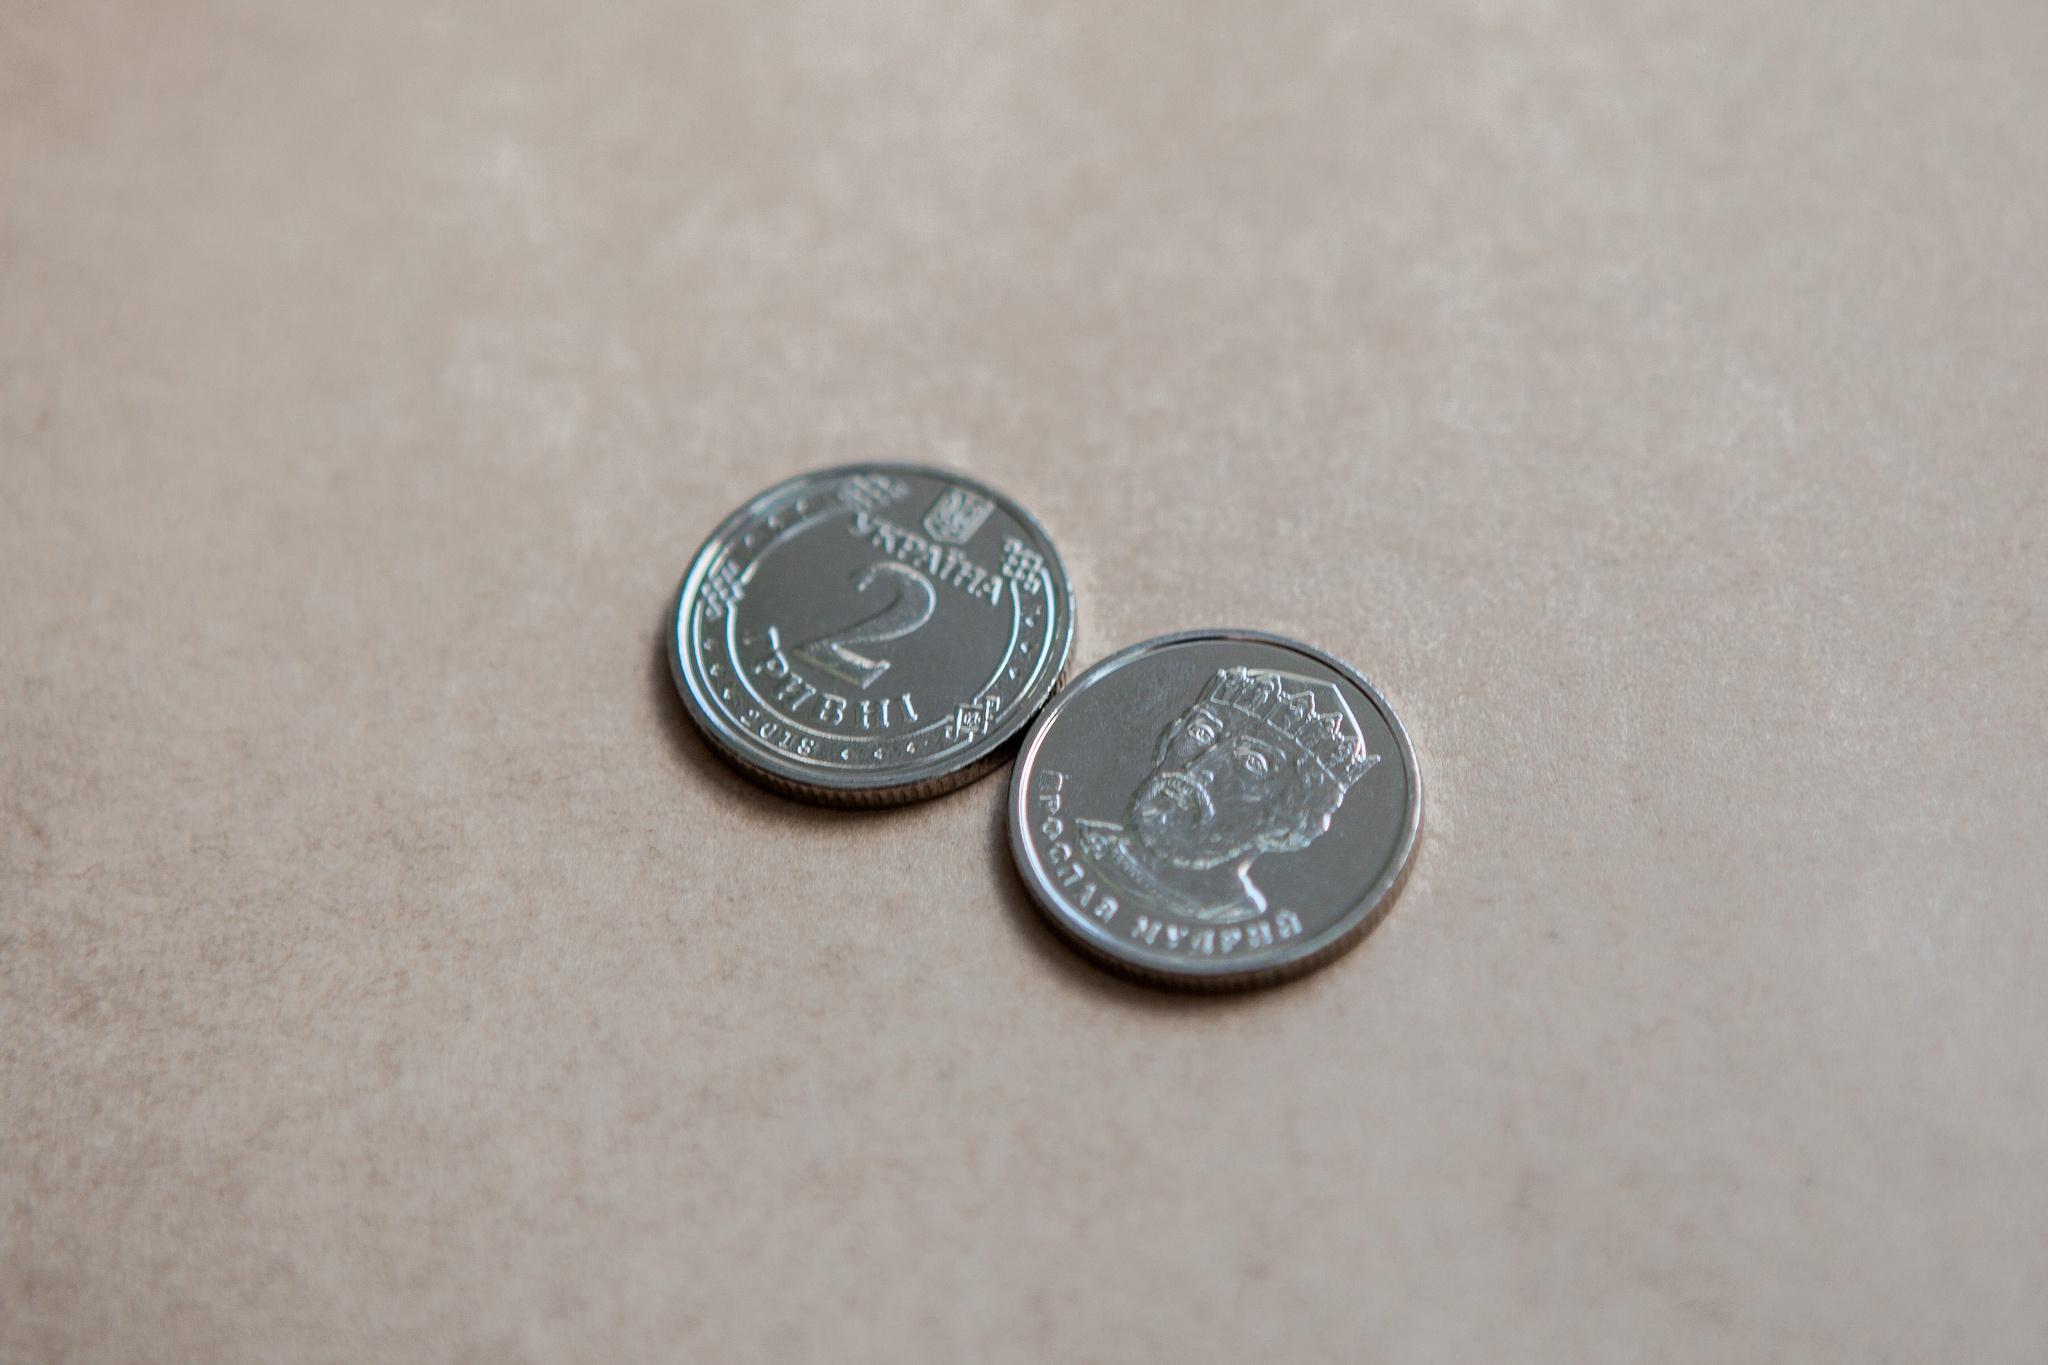 nacionalnyy-bank-ukrainy-vvodit-v-obrashchenie-novye-monety-nominalom-1-i-2-grivny